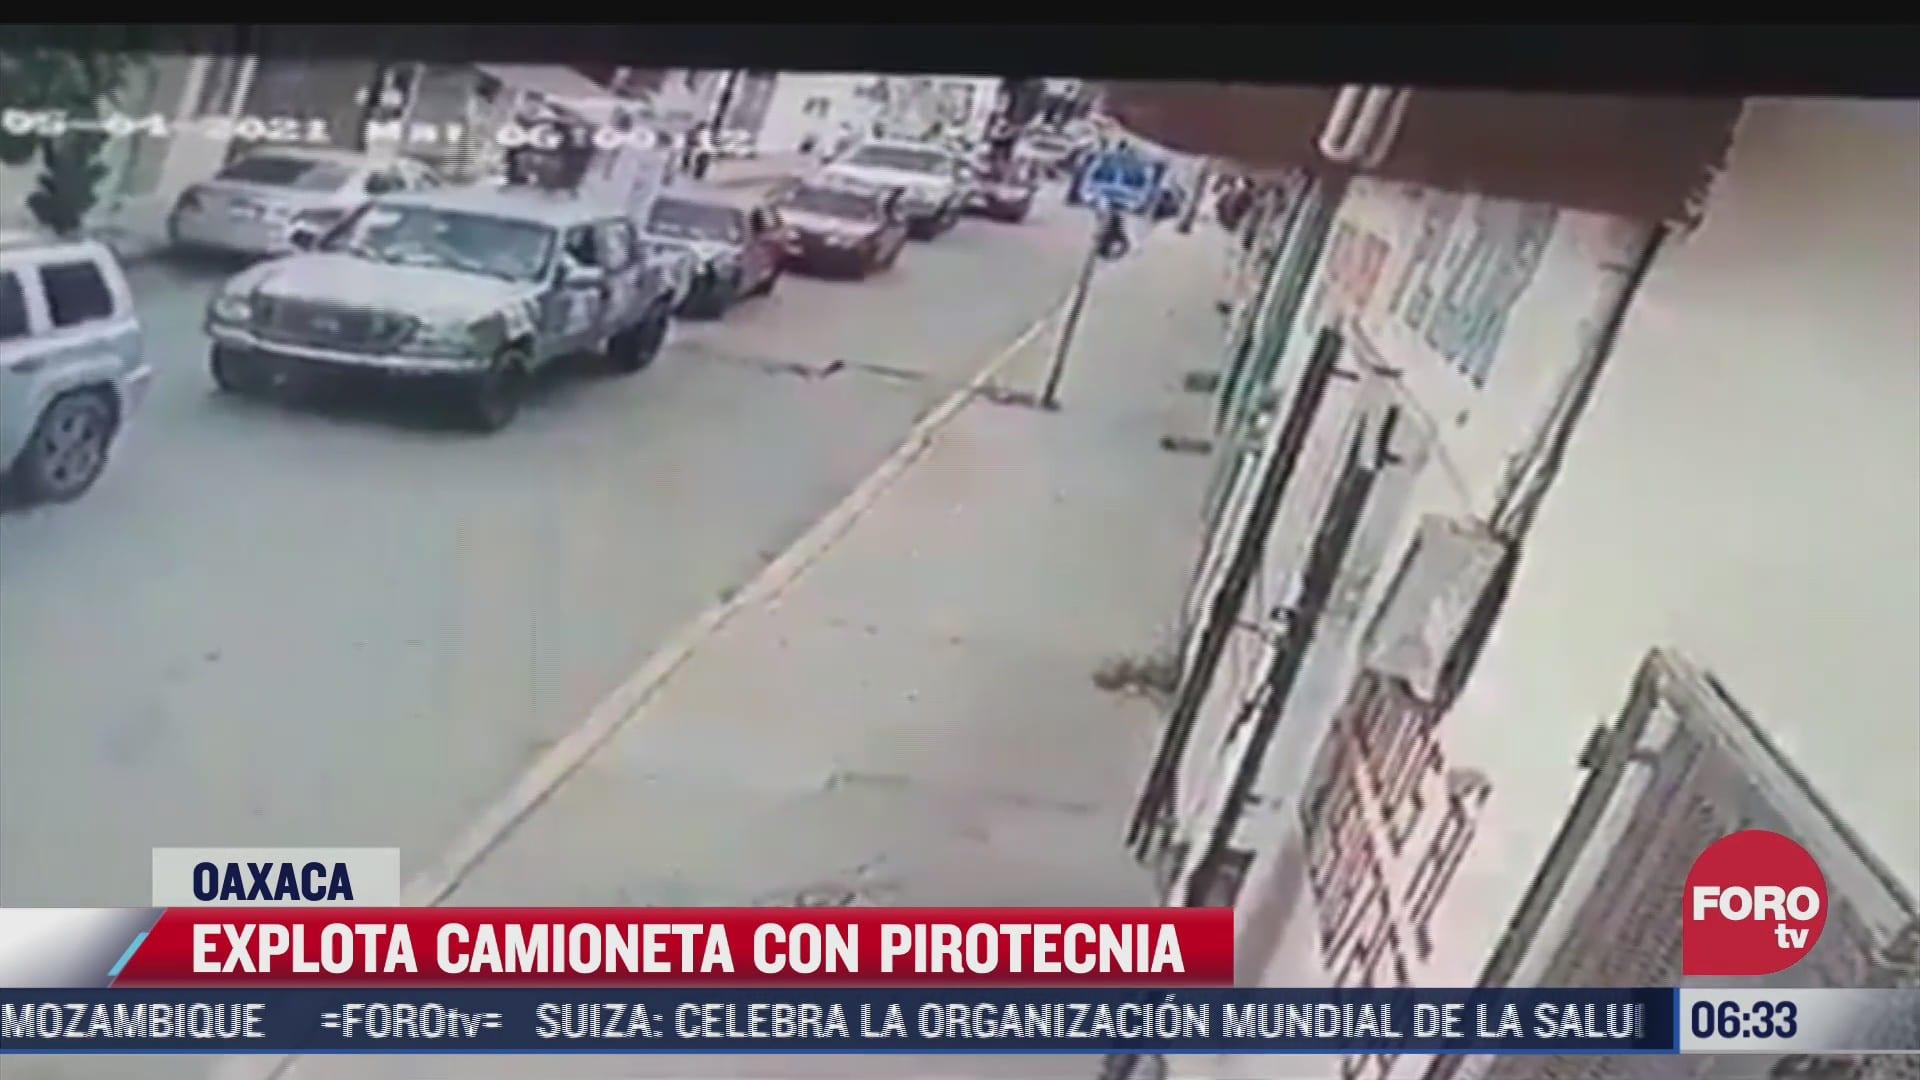 camaras de seguridad graban explosion de camioneta con pirotecnia en oaxaca